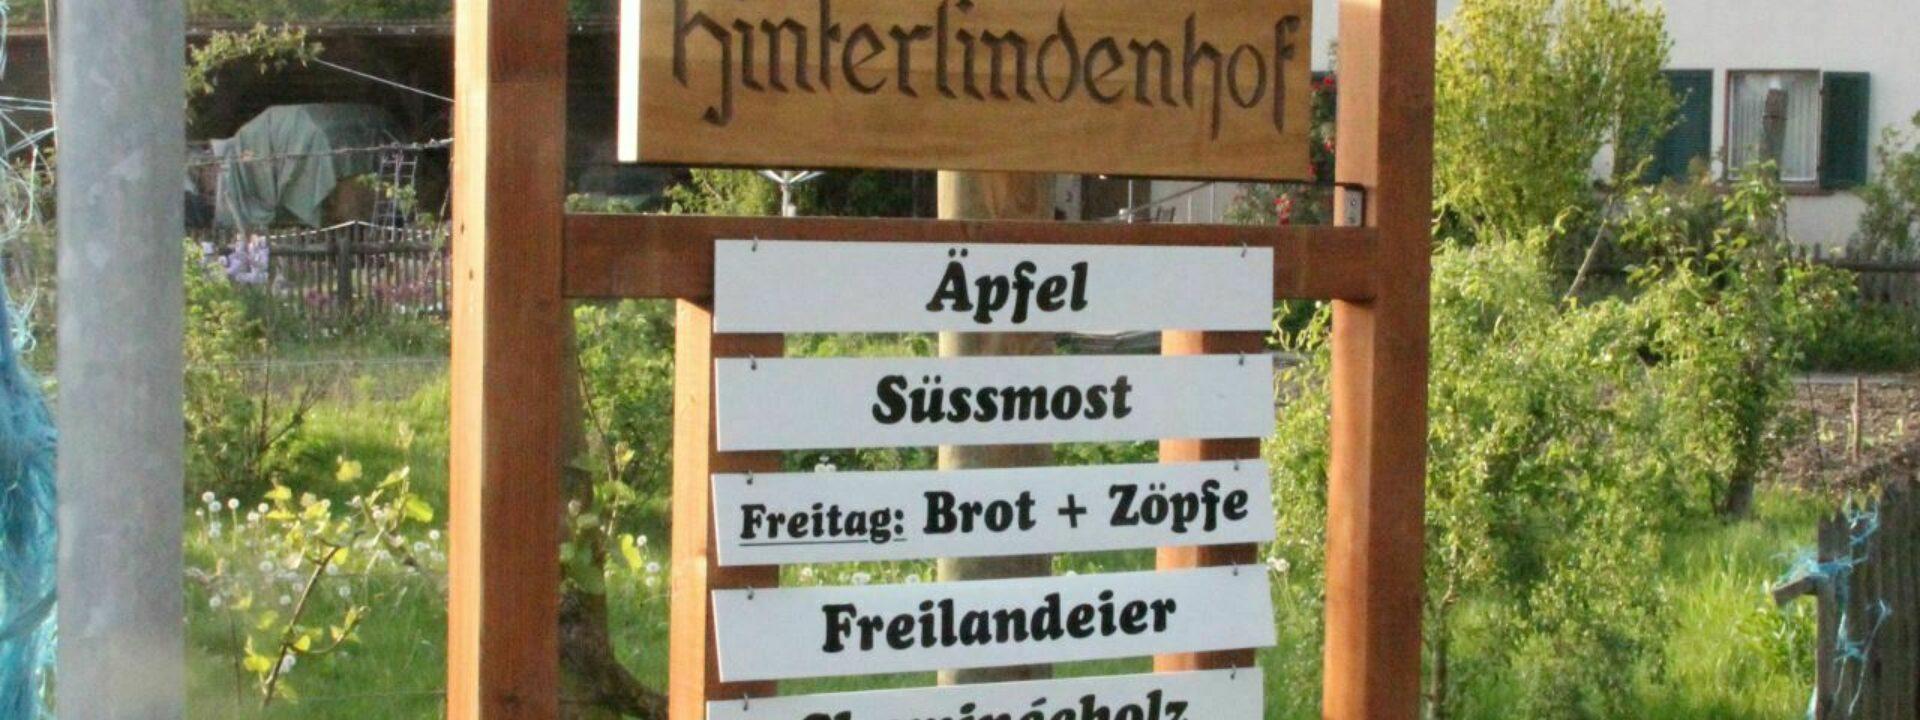 Hinterlindenhof